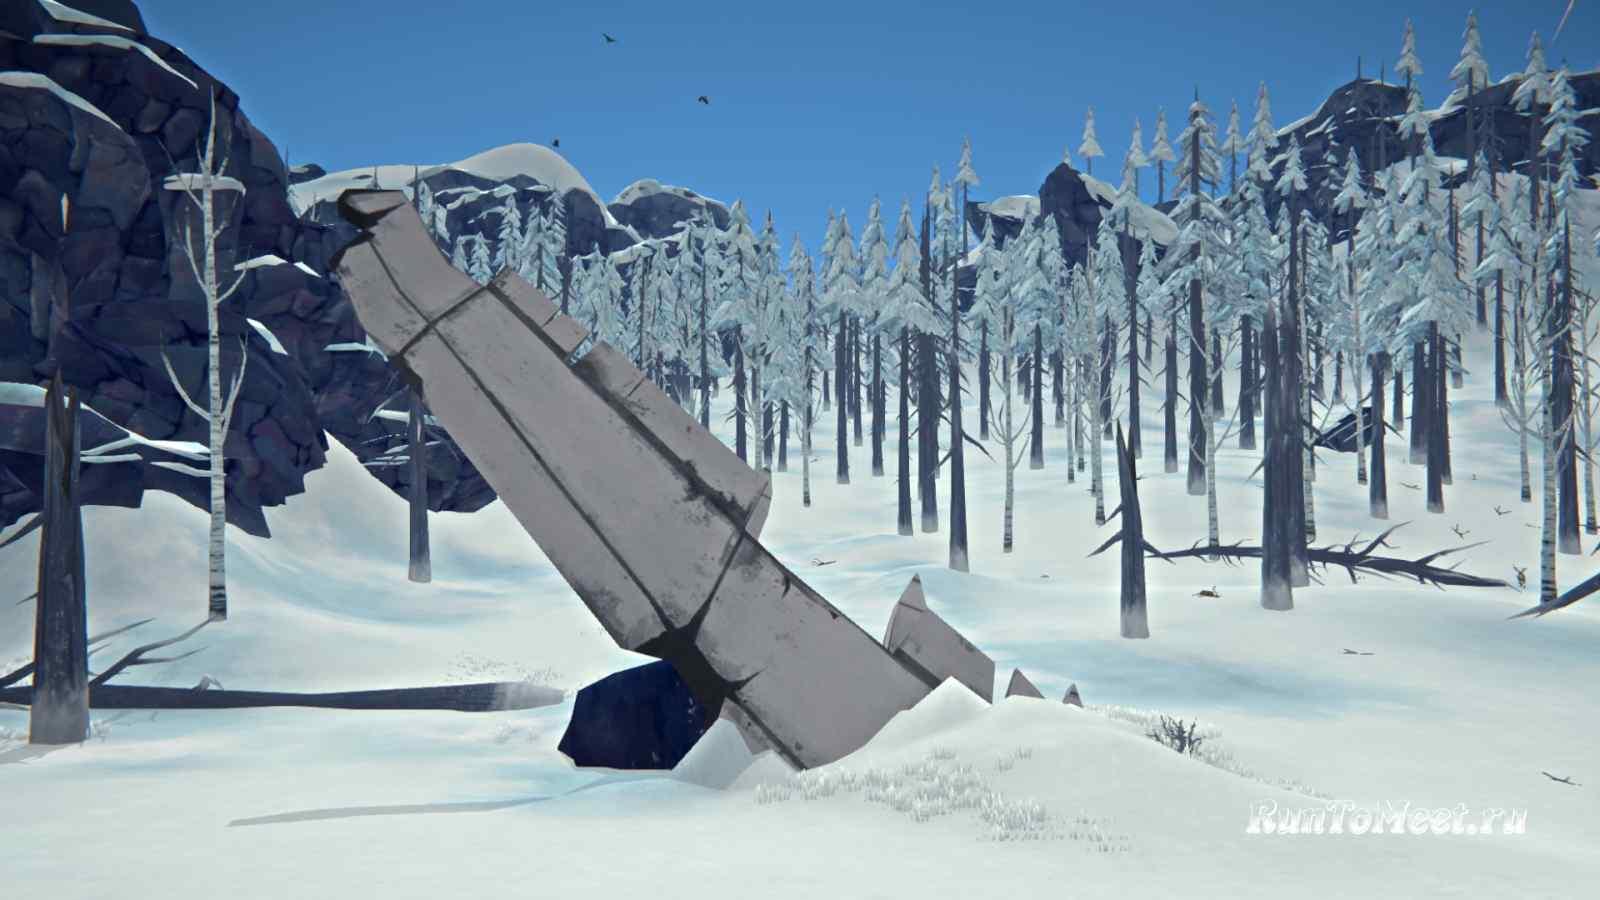 Крыло самолета на Волчьей горе, в игре The long dark